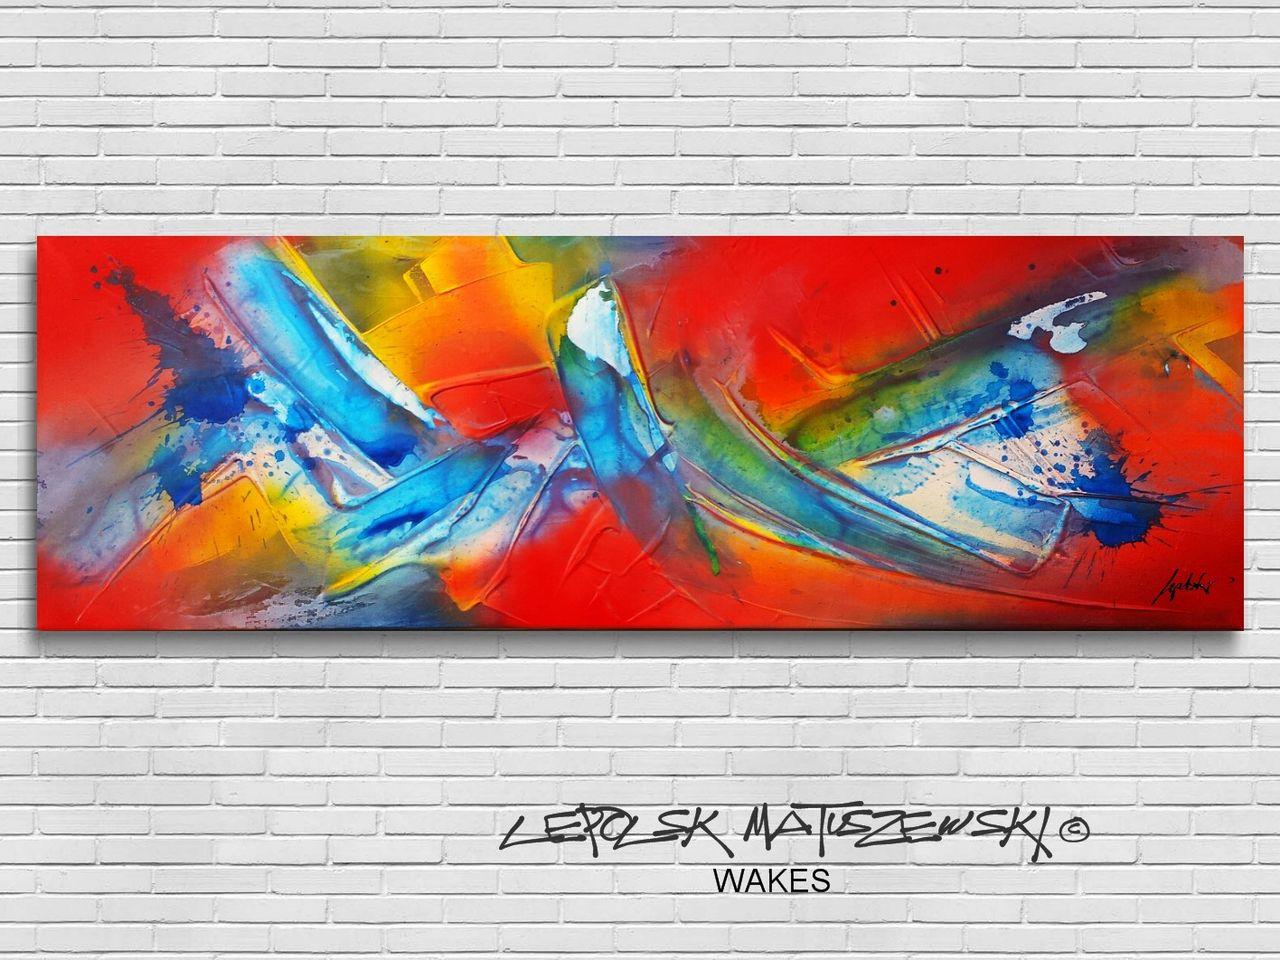 MISTER K  (Lepolsk Matuszewski) WAKES lepolsk 2016 abstract art graffiti